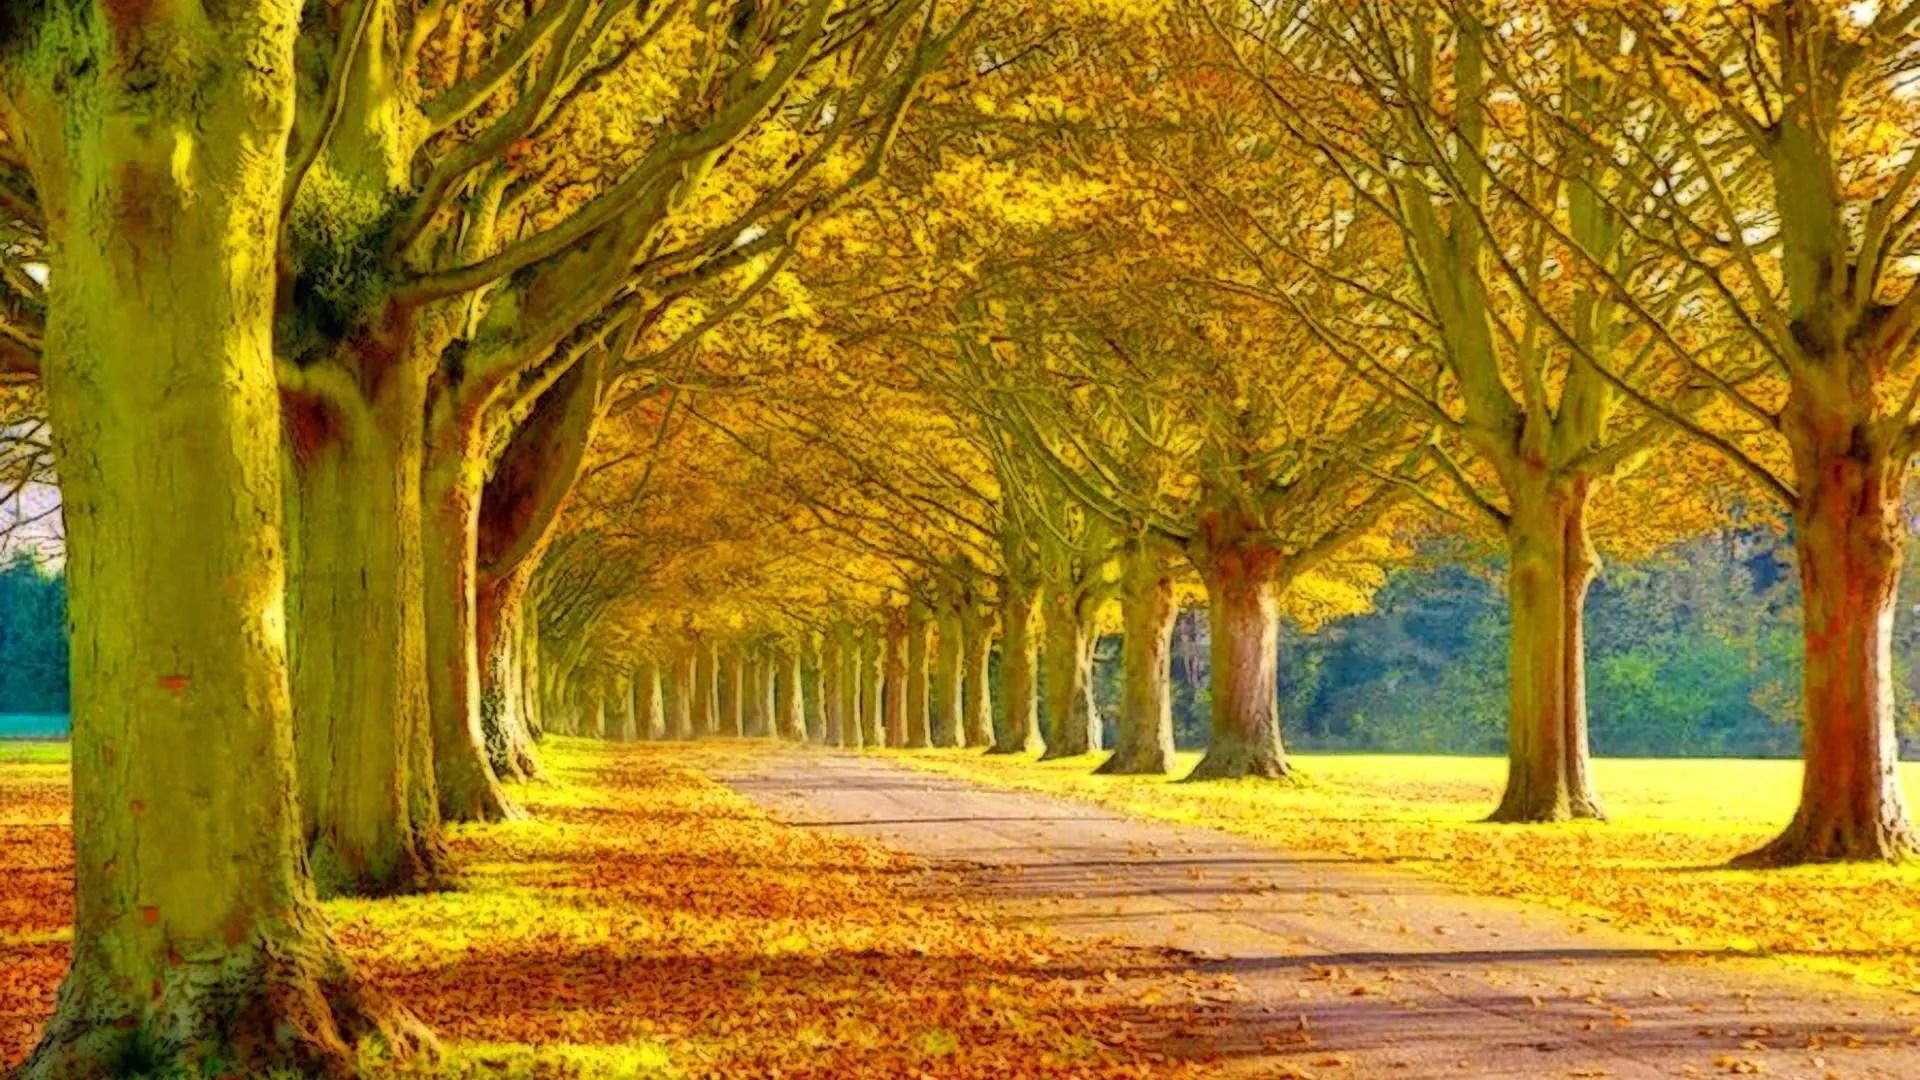 Nice road nature wallpaper